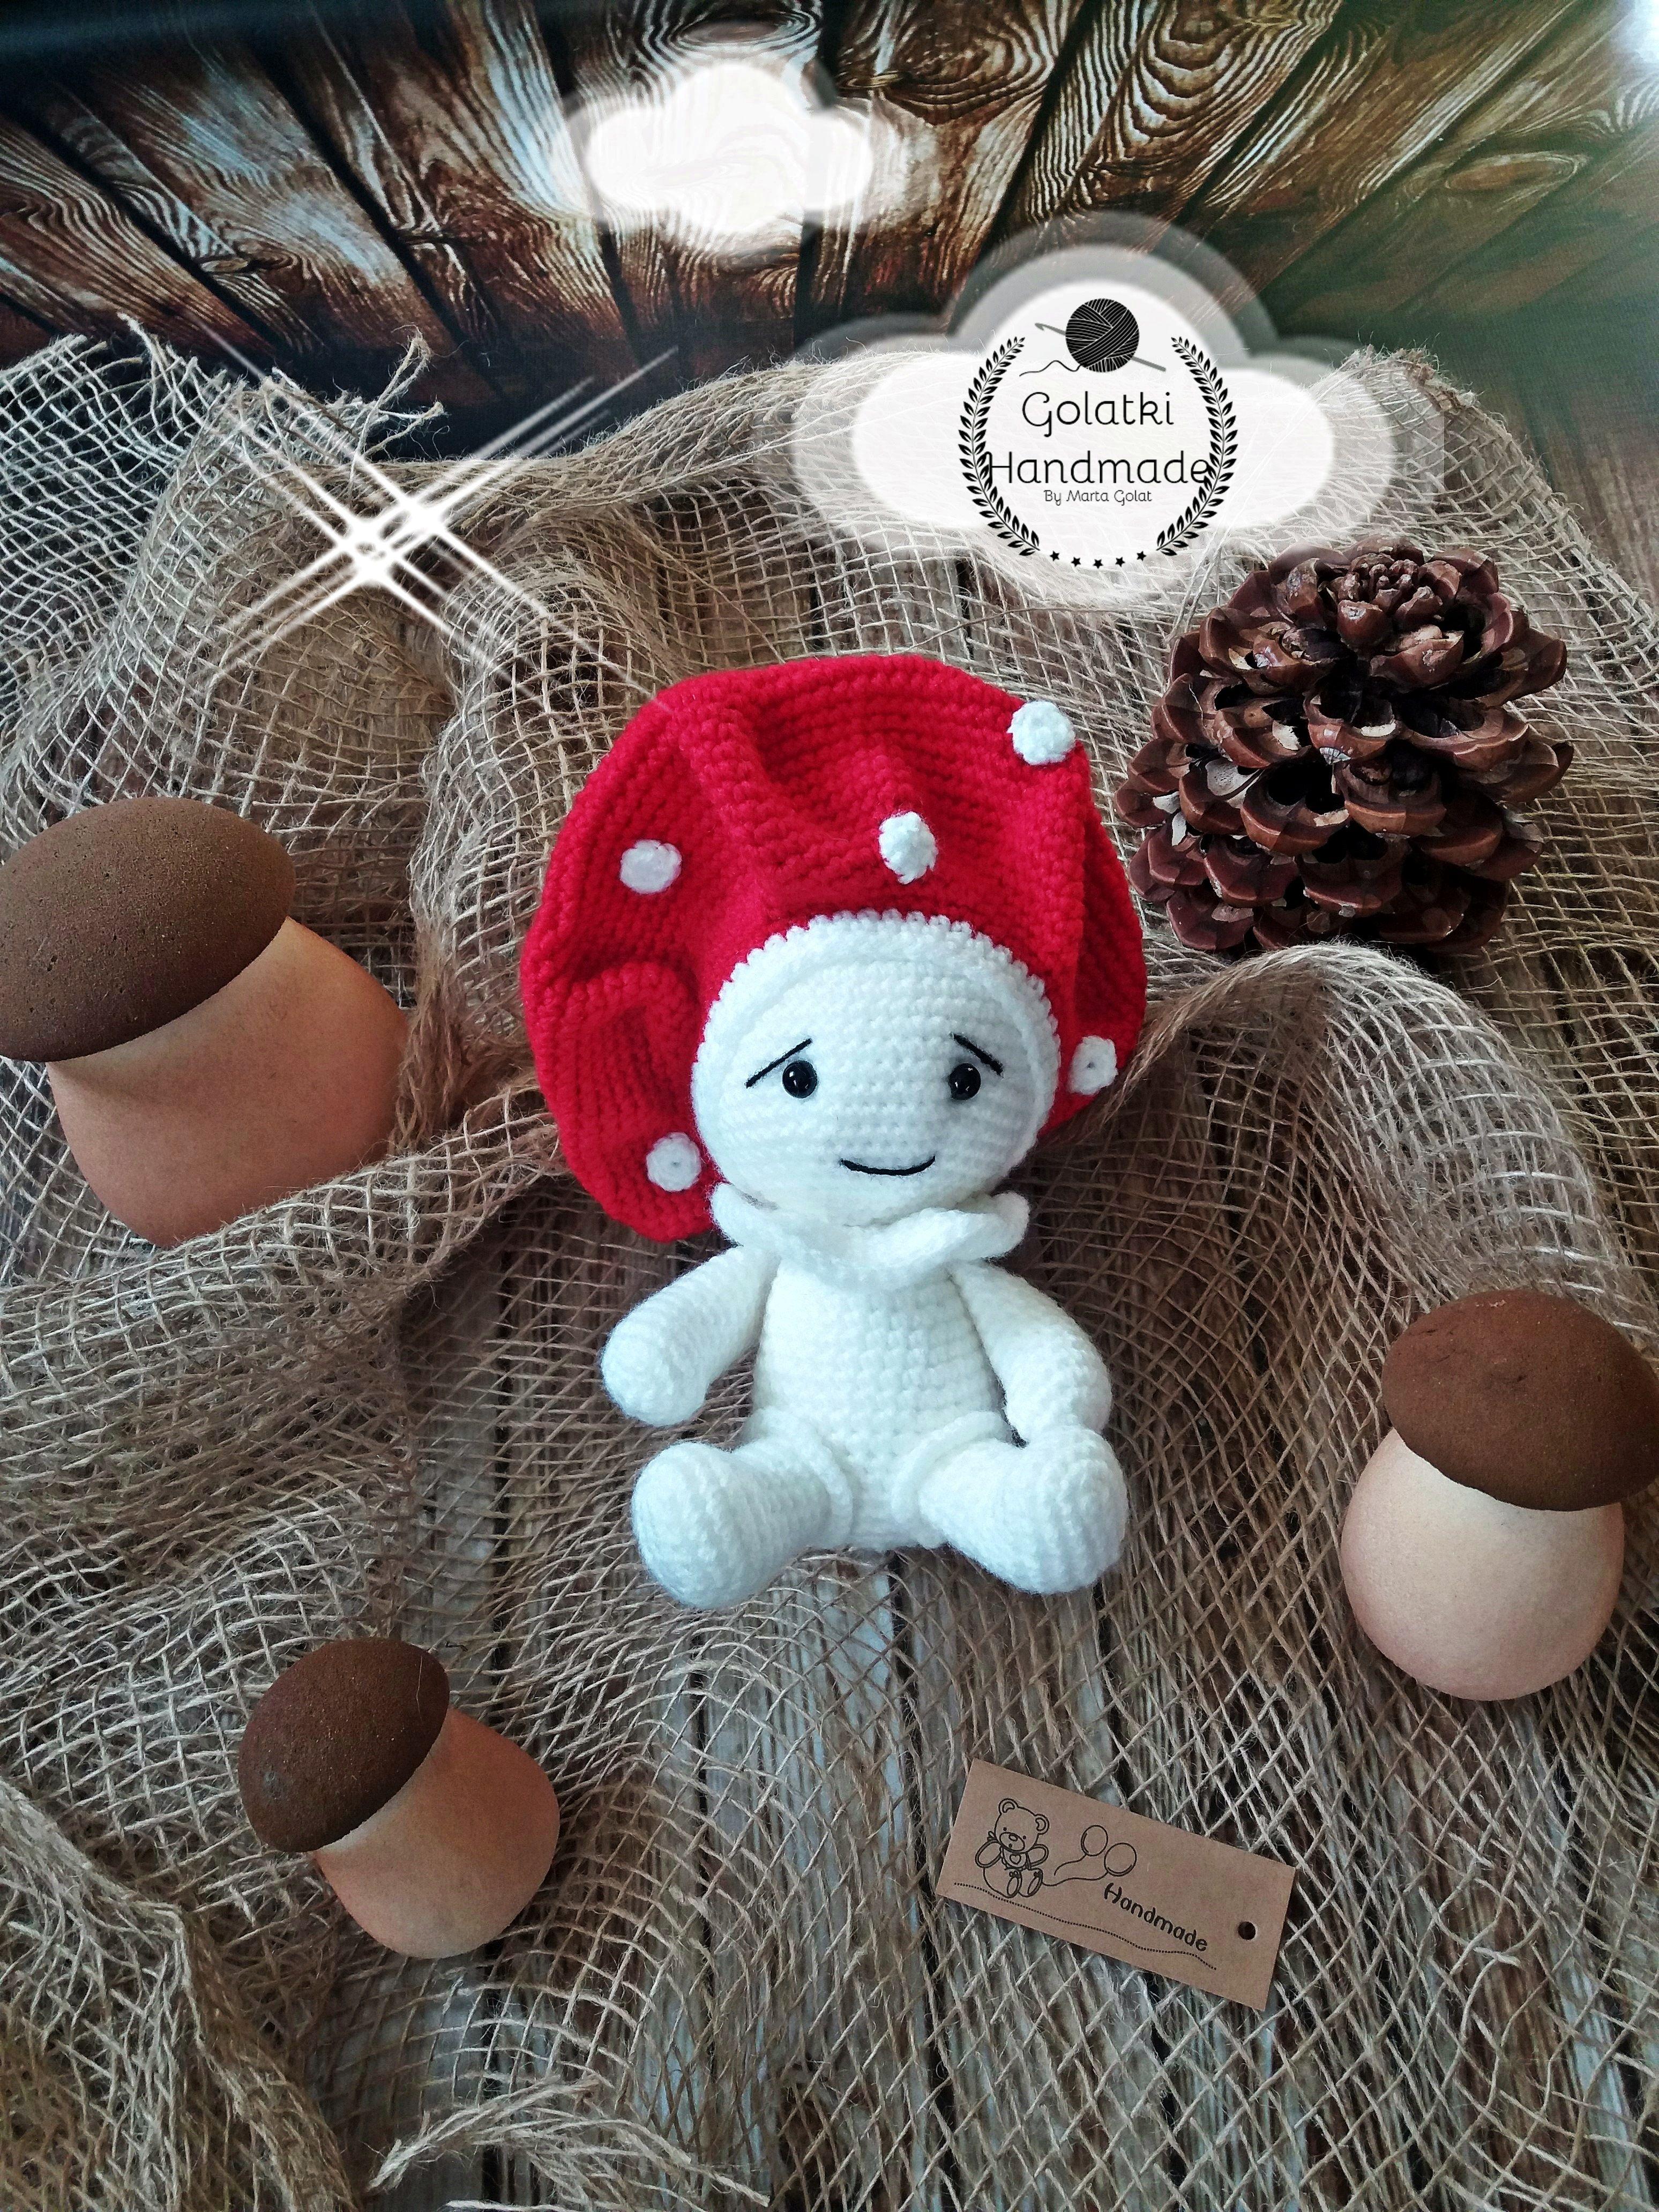 Mushroom 🍄 🍄 🍄 🍄 🍄 🍄 🍄 🍄 Orginal pattern by Sanda J. Dobrosavljev #amigurumi #crochet #crochettoys #maskotki #zabwki #szydełko #szydełkowanie #rękodzieło #diy #handmade #yarn #häkeln #ganchillo #Вязаниекрючком #wool #dziergam #amigurumilove #amigurumilicious #mushroom #grzybek #grzyb #muchomor #muchomorek #prawdziwki #grzyby #nagrzyby #wkropki #hobby #myhobby #iloveit #robótki #szydełkiem #naszydełku